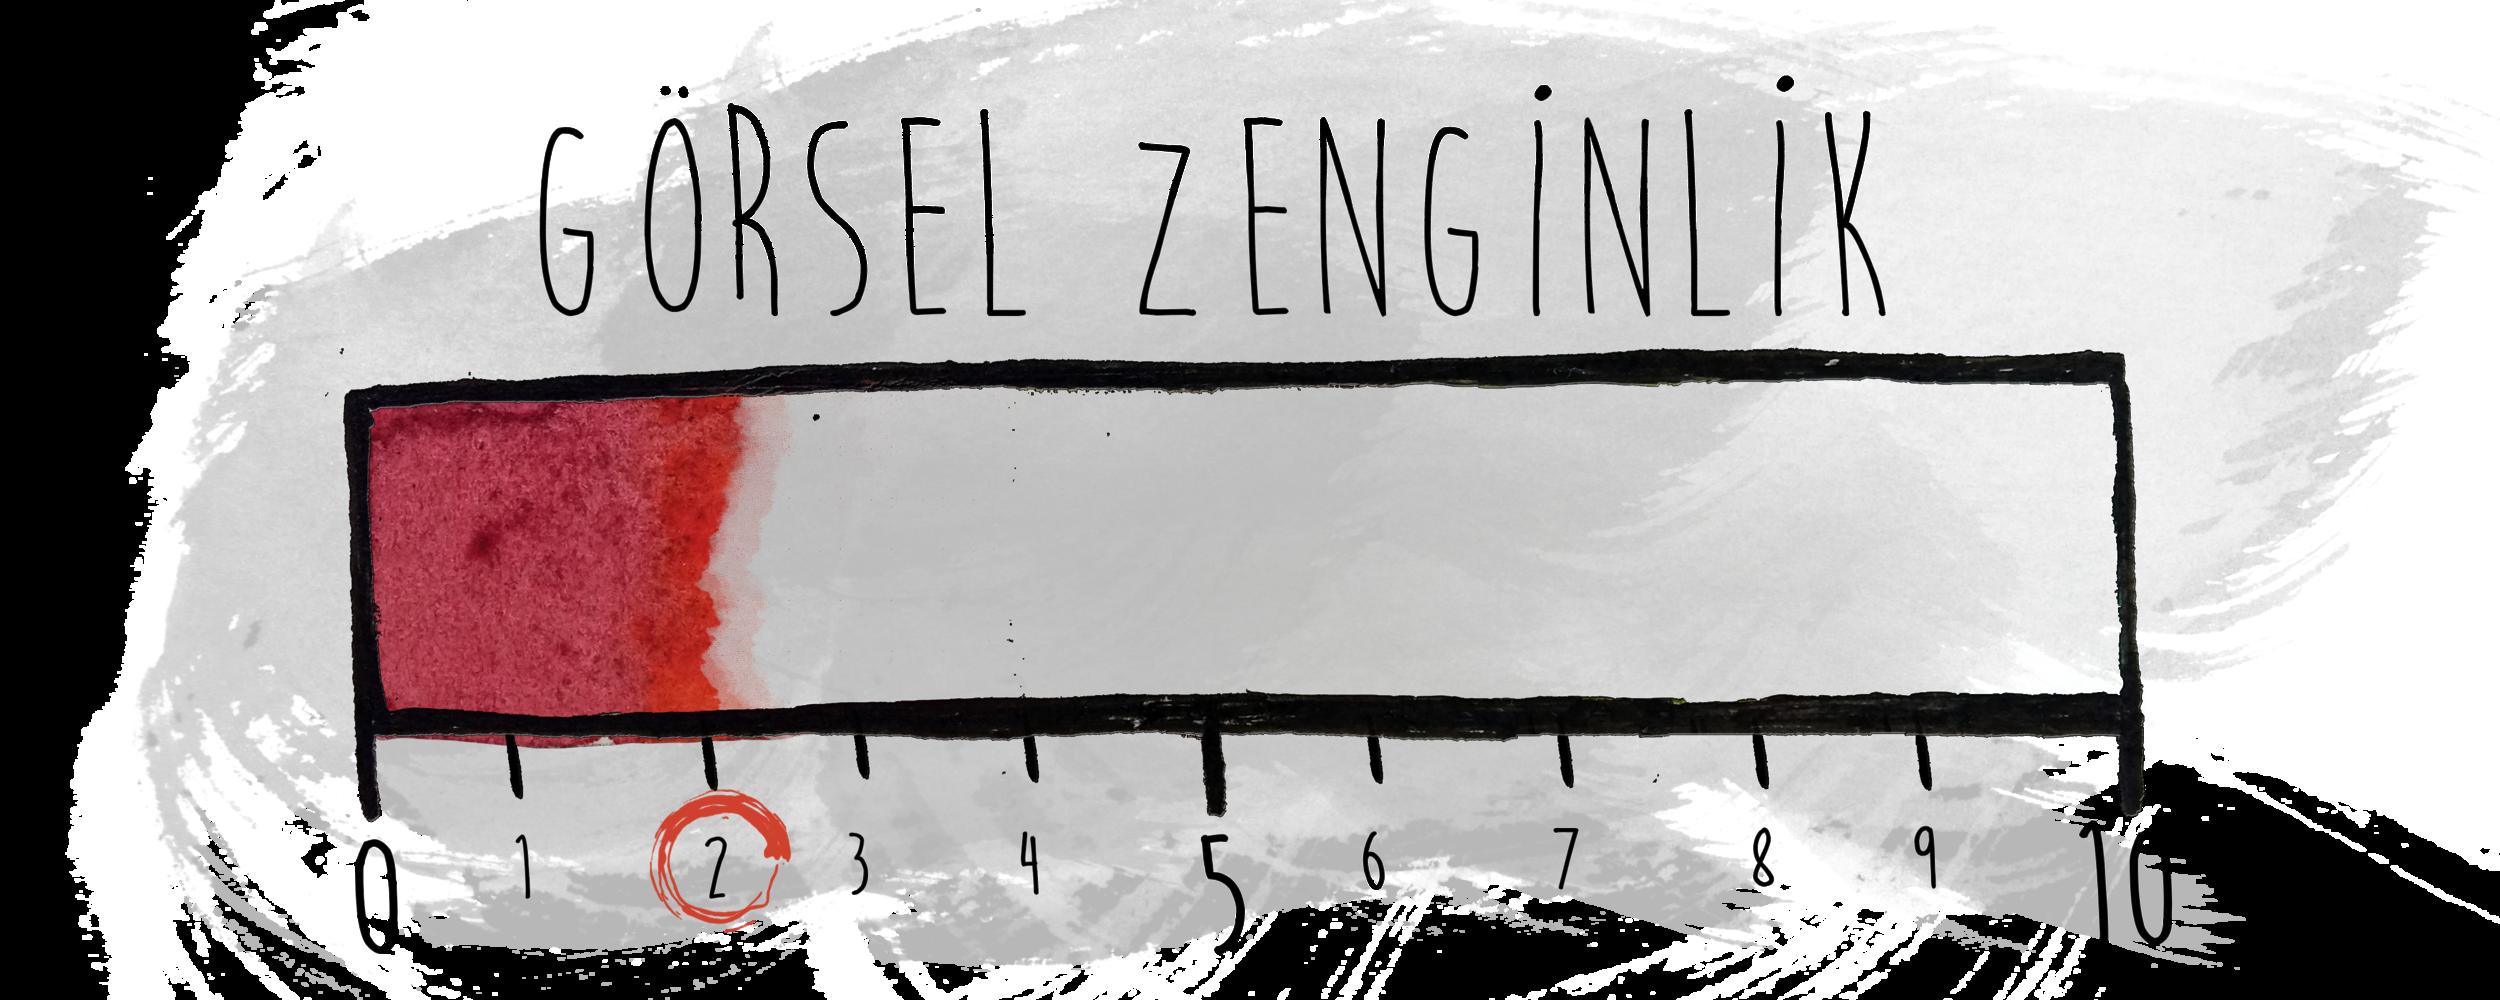 GorselZenginlik_06.png